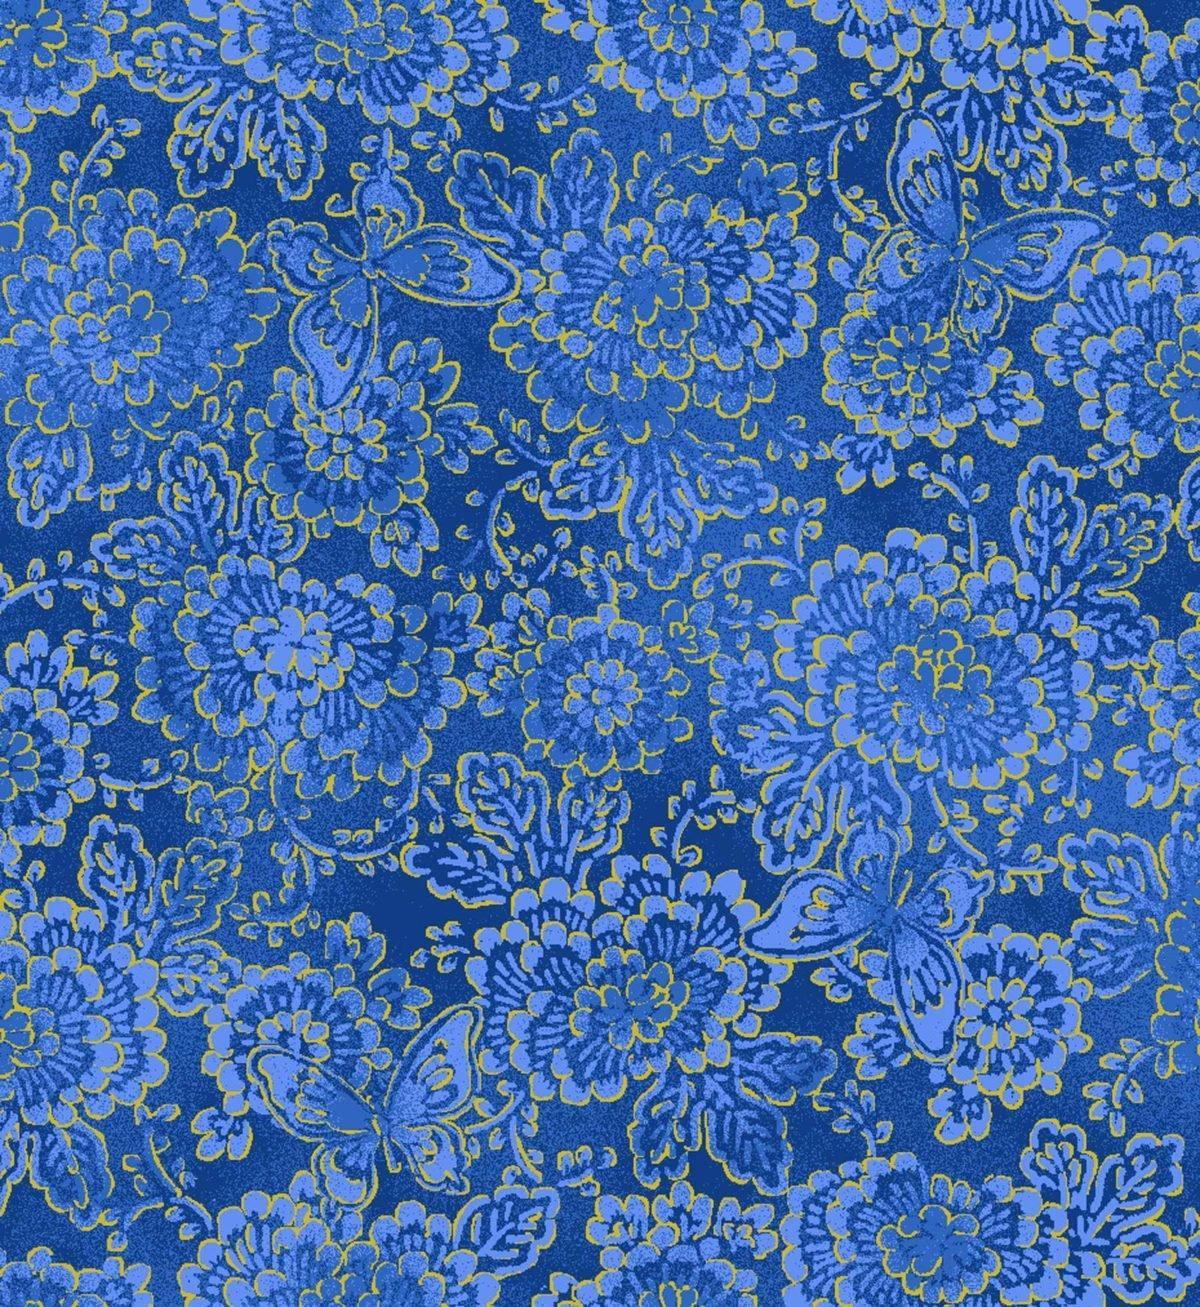 Tela patchwork de fondo azul con flores y mariposas doradas